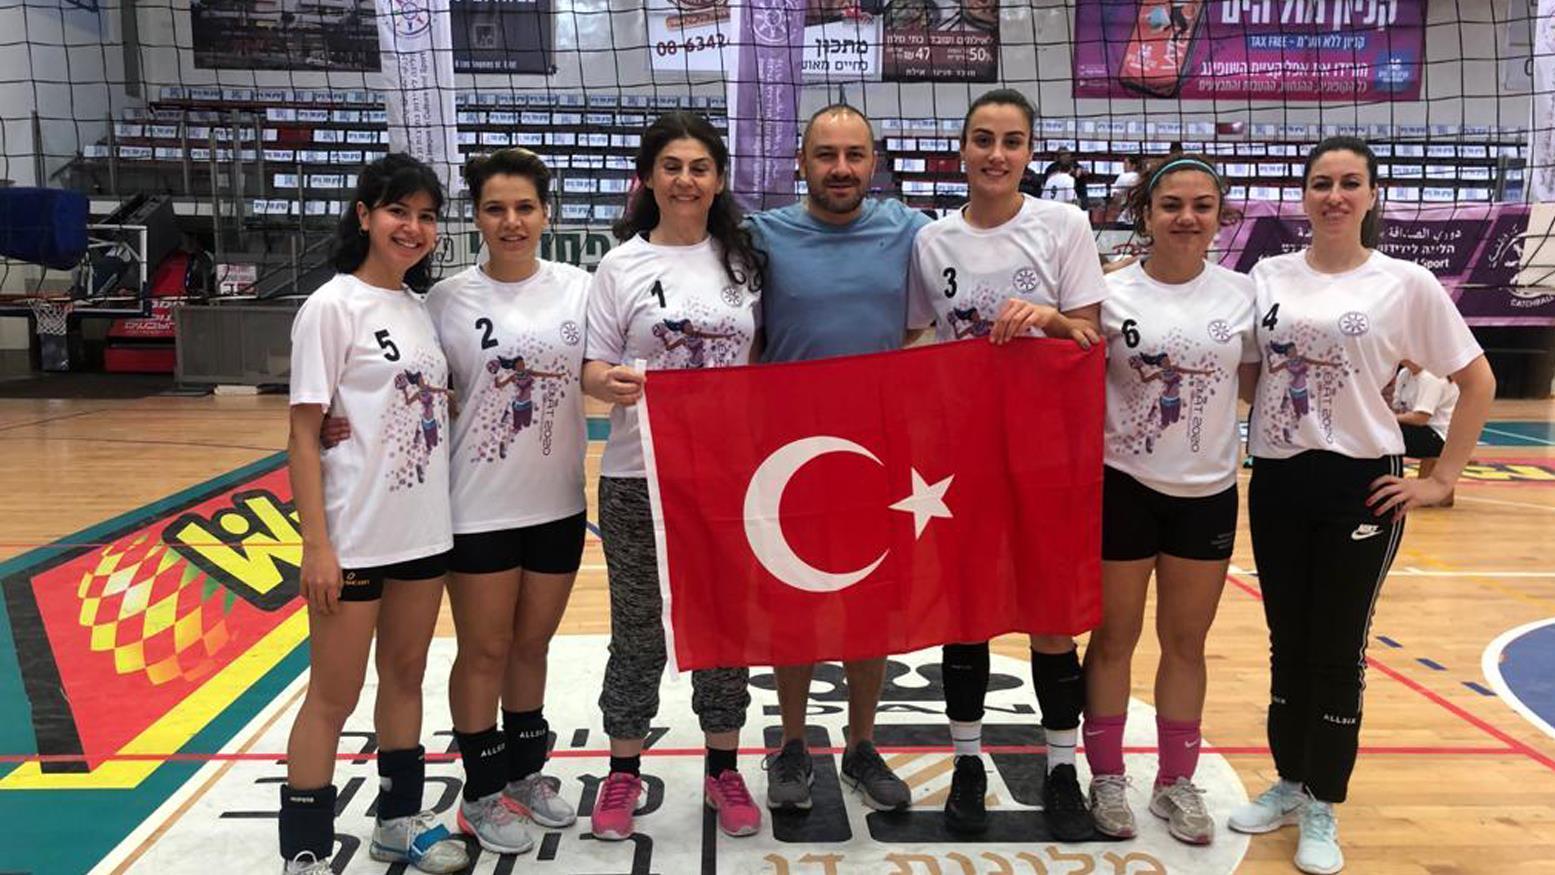 """{""""Header"""":""""1. Uluslararası Catchball Dostluk Ligi Turnuvası'nda Fakültemiz 2. Oldu"""",""""Content"""":""""<p><b>İsrail'in Eliat şehrinde düzenlenen 1. Uluslararası Catchball Dostluk Ligi Turnuvası'nda 18 takım arasından Fakültemizi temsil eden takım ikinci olarak bir başarıya imza attı.</b></p><p><span id=\""""selectionBoundary_1578315940052_00023175166201294672\"""" class=\""""rangySelectionBoundary\"""" style=\""""line-height: 0; display: none;\""""></span><img src=\""""https://cdn.istanbul.edu.tr/FileHandler2.ashx?f=haber2656.jpeg\"""" style=\""""width: 100%;\""""><br></p><p style=\""""text-align: justify;\"""">Spor Bilimleri Fakültemizin Dekan Yardımcısı Doç.Dr. S.Bora Çavuşoğlu ile beraber Öğretim Üyelerimizden Doç.Dr. H. Banu Ataman Yancı, Dr.Öğr.Üyesi Sevim Güllü, öğrencilerimizden Dilara Erdoğan, Fatma Öztürk, Feyza Yalçın ve Nilay Yılmaz'ın oluşturduğu takım, 02-05 Ocak 2020 tarihleri arasında İsrail'in Eliat şehrinde gerçekeştirilen 1. Uluslararası Catchball Dostluk Ligi Turnuvası'nda 18 takım arasından ikinci oldu.</p><p style=\""""text-align: justify;\""""></p><p>Ayrıca Türkiye olarak Fair Play Ödülü'ne layık görülen takımımızı Dekanlık olarak tebrik ederiz.</p><p>Spor Bilimleri Fakültemiz, Catchball branşının ülkemizde gelişmesi ve yaygınlaşması için gerekli proje ve adımları atmaya tüm hızıyla devam edecektir.</p><p><span id=\""""selectionBoundary_1578316237994_39679049365631336\"""" class=\""""rangySelectionBoundary\"""" style=\""""line-height: 0; display: none;\""""></span><img src=\""""https://cdn.istanbul.edu.tr/FileHandler2.ashx?f=haber2231561.jpeg\"""" style=\""""width: 100%;\""""><br></p><p><br></p>"""",""""Link"""":null,""""IsBlank"""":false,""""Img"""":""""iF_PZytMiUGsQBlPKPBZaw"""",""""Gallery"""":null,""""Date"""":""""2020-01-06T15:54:08"""",""""Tag"""":[],""""Tags"""":"""""""",""""Title1"""":null,""""Title2"""":null,""""Title3"""":null,""""Titles"""":null,""""IsPublic"""":false,""""Author"""":null,""""PriorityOrder"""":null,""""IsPublish"""":false,""""IsIUadmin"""":false,""""IsAmfi"""":false,""""Route"""":""""1-uluslararasi-catchball-dostluk-ligi-turnuvasinda-fakultemiz-2-oldu-6F00420062004300340071004A002D0071004A00660039007900700046006200610041004F0"""